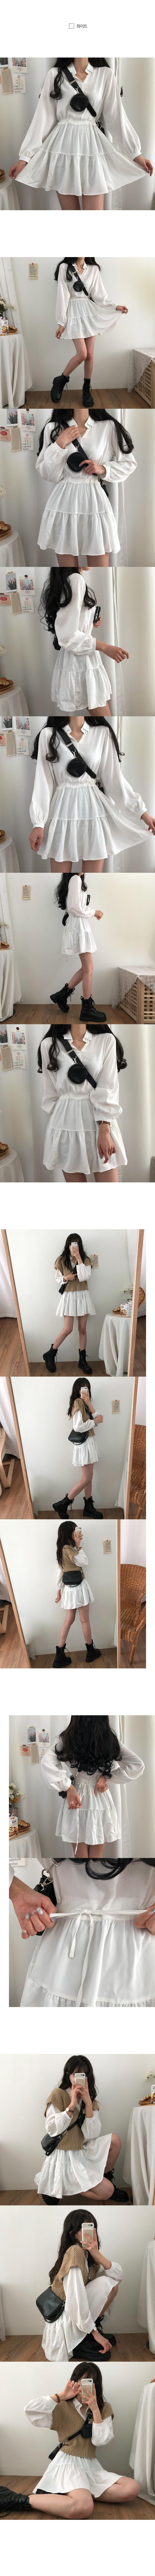 翻領皺摺長袖短洋裝